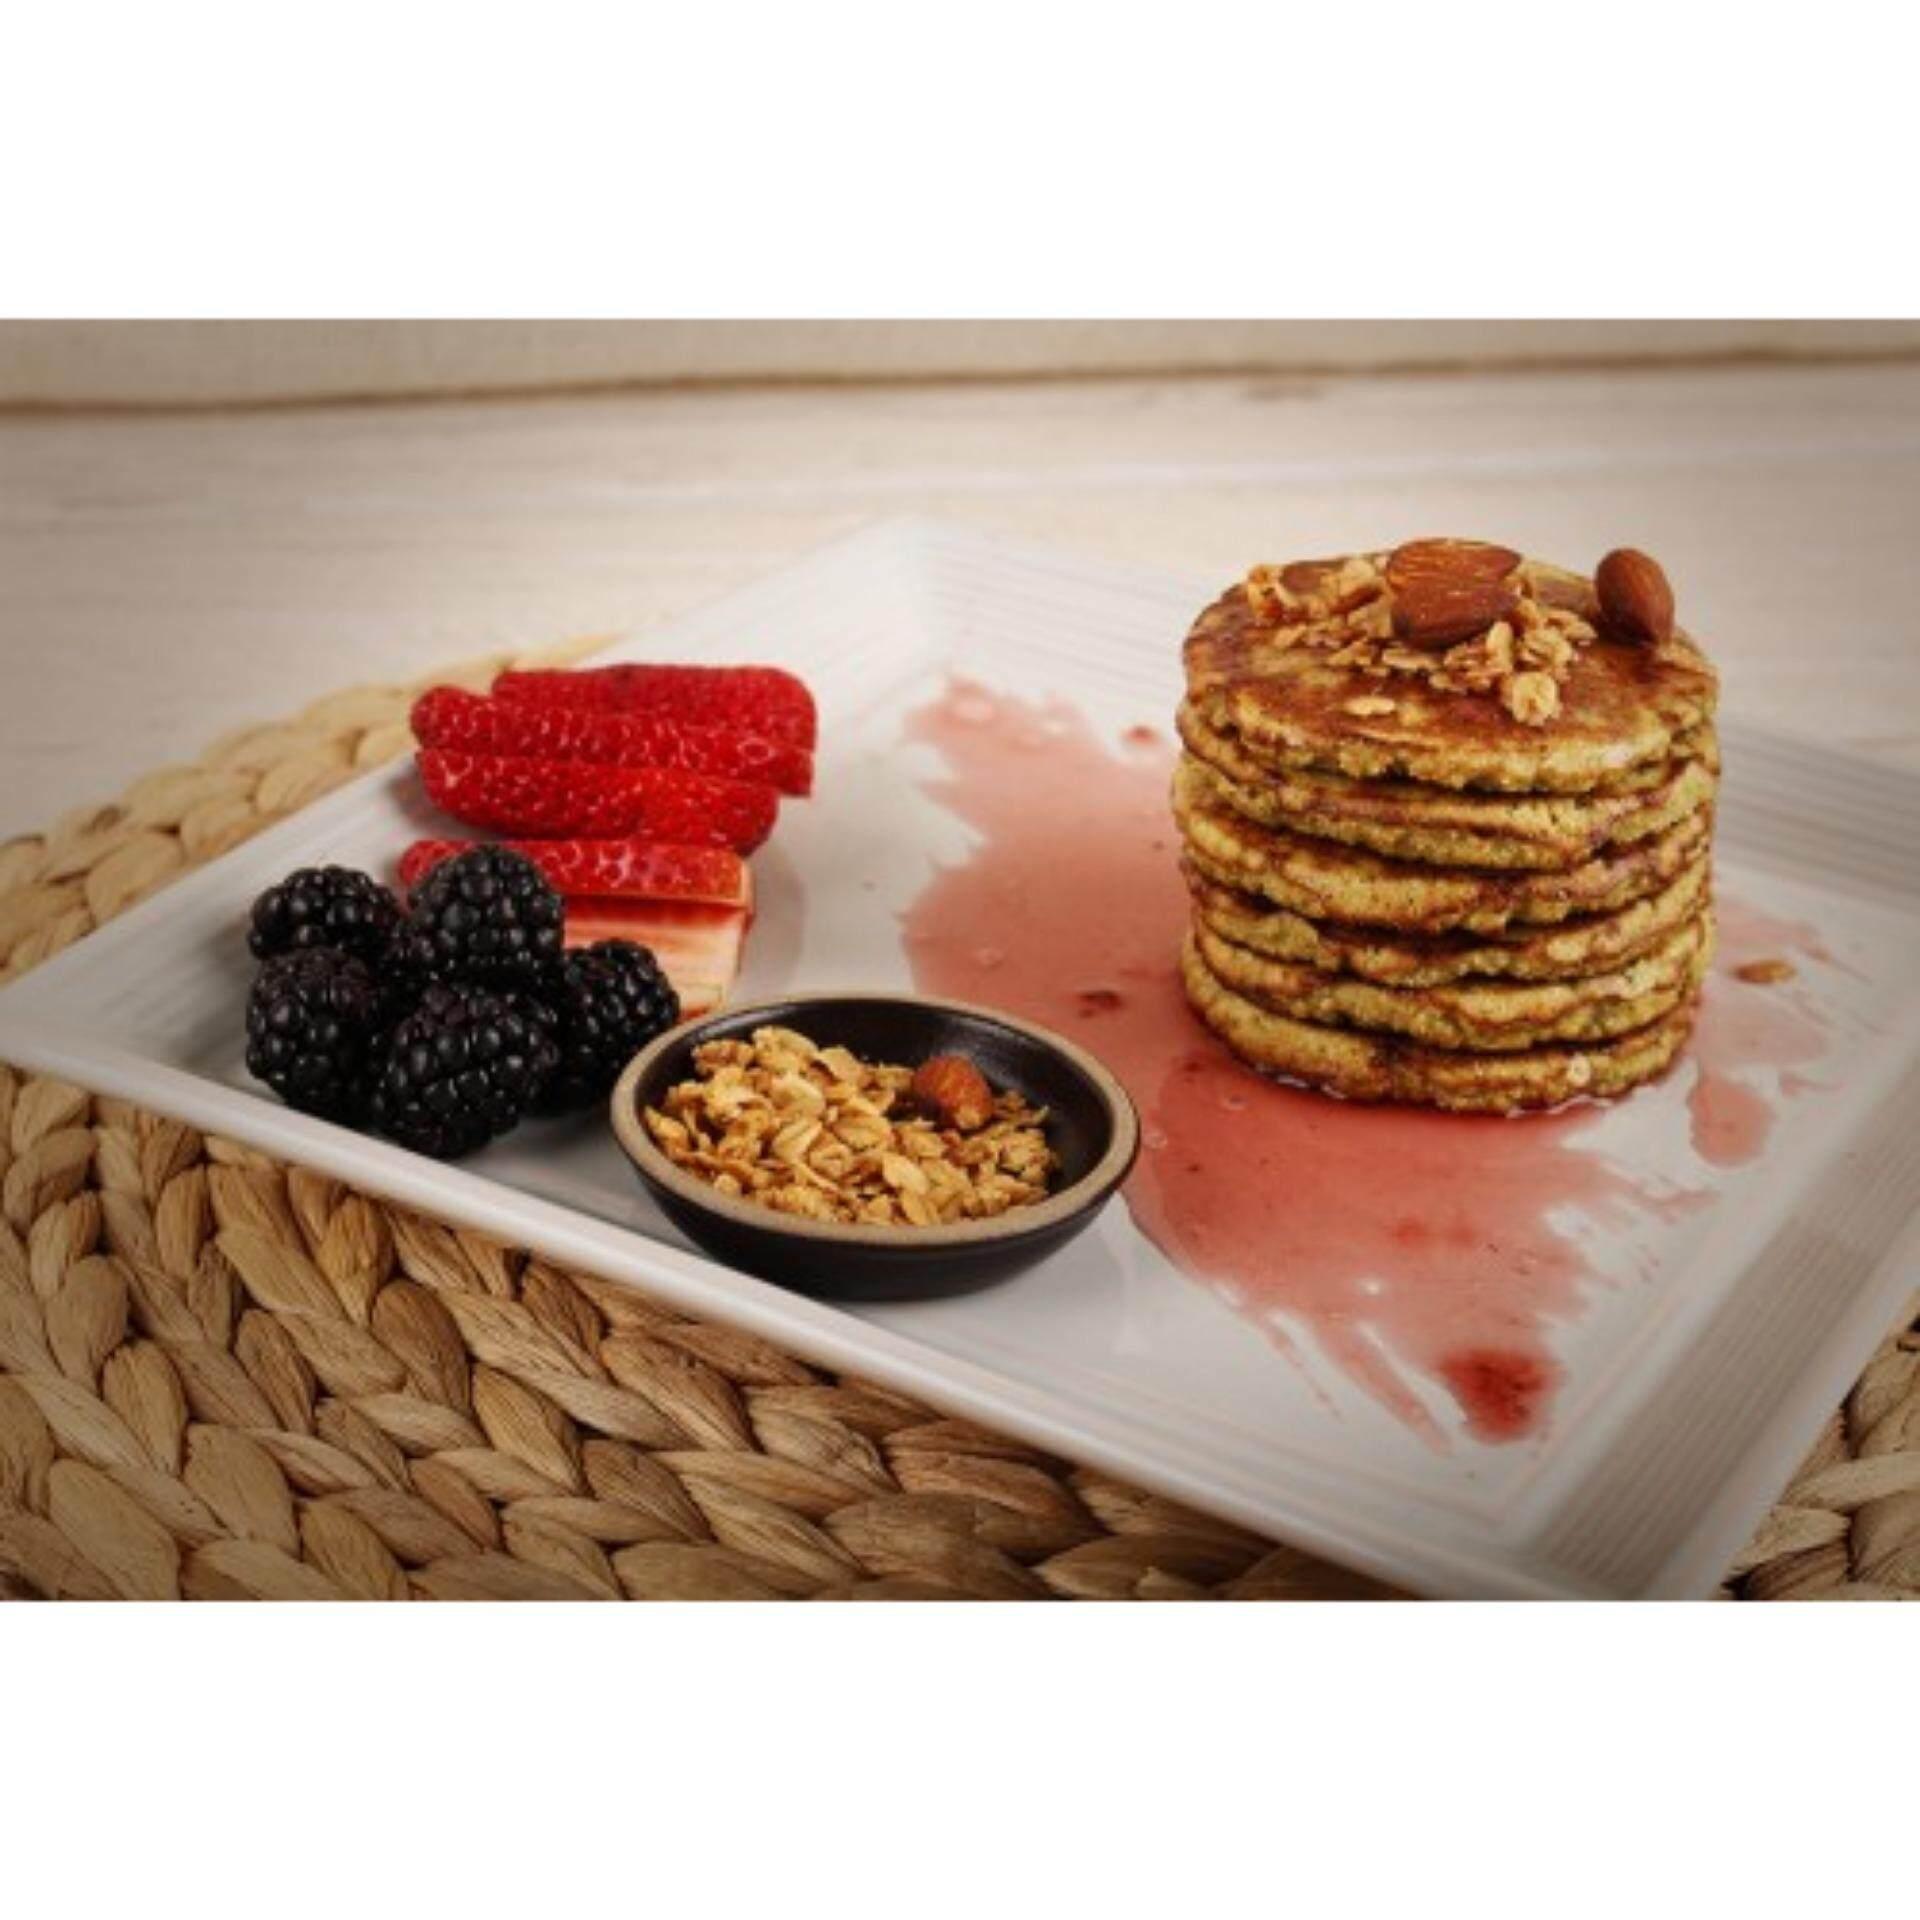 Neoflam Pancake Pan